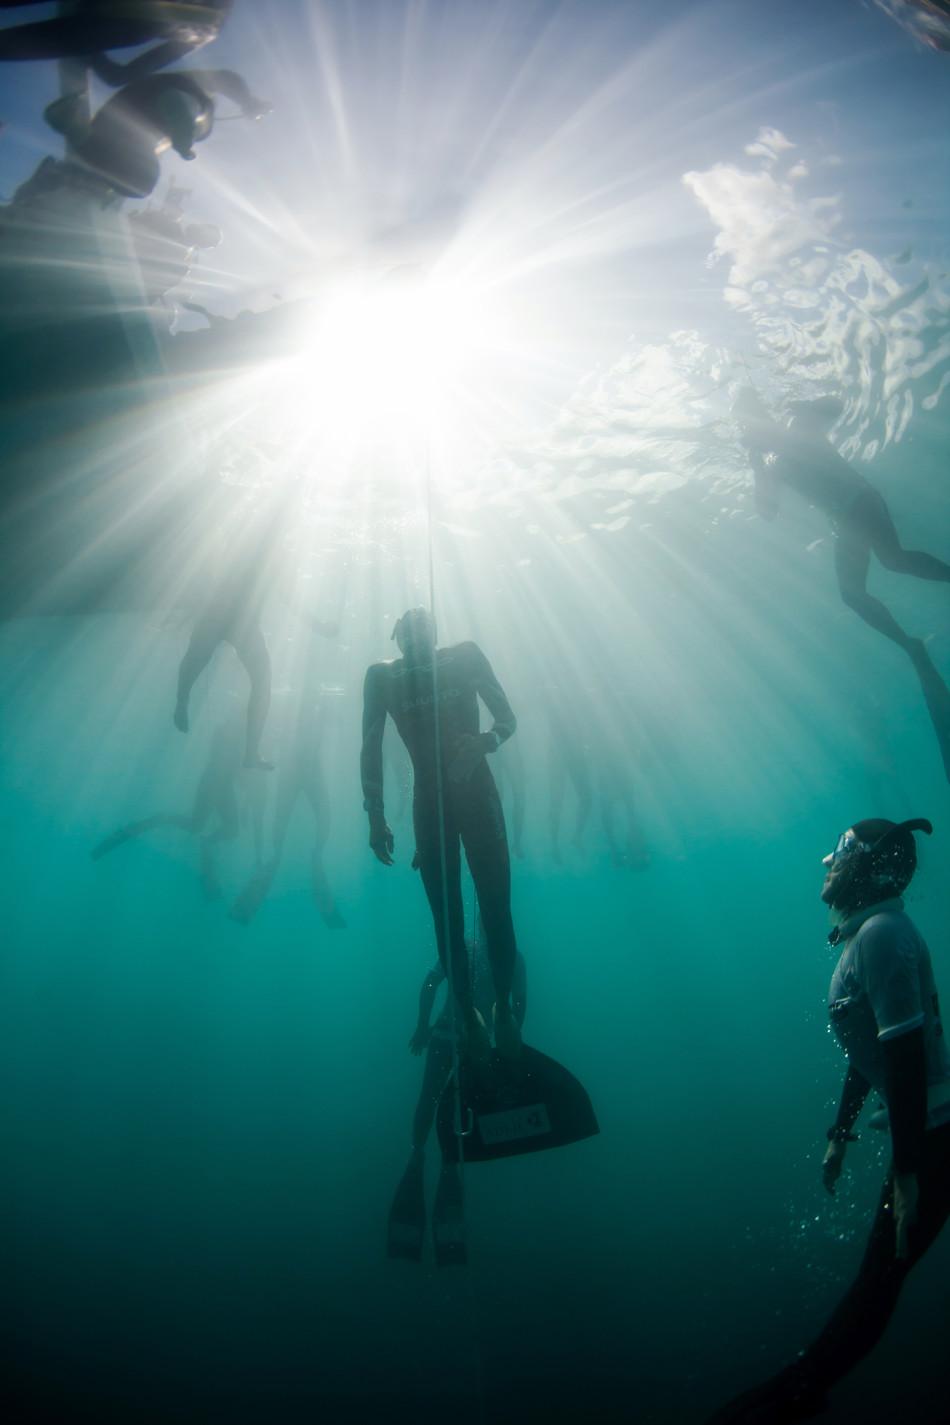 自由潜水的危险与疯狂:仅靠自身重量下潜百米